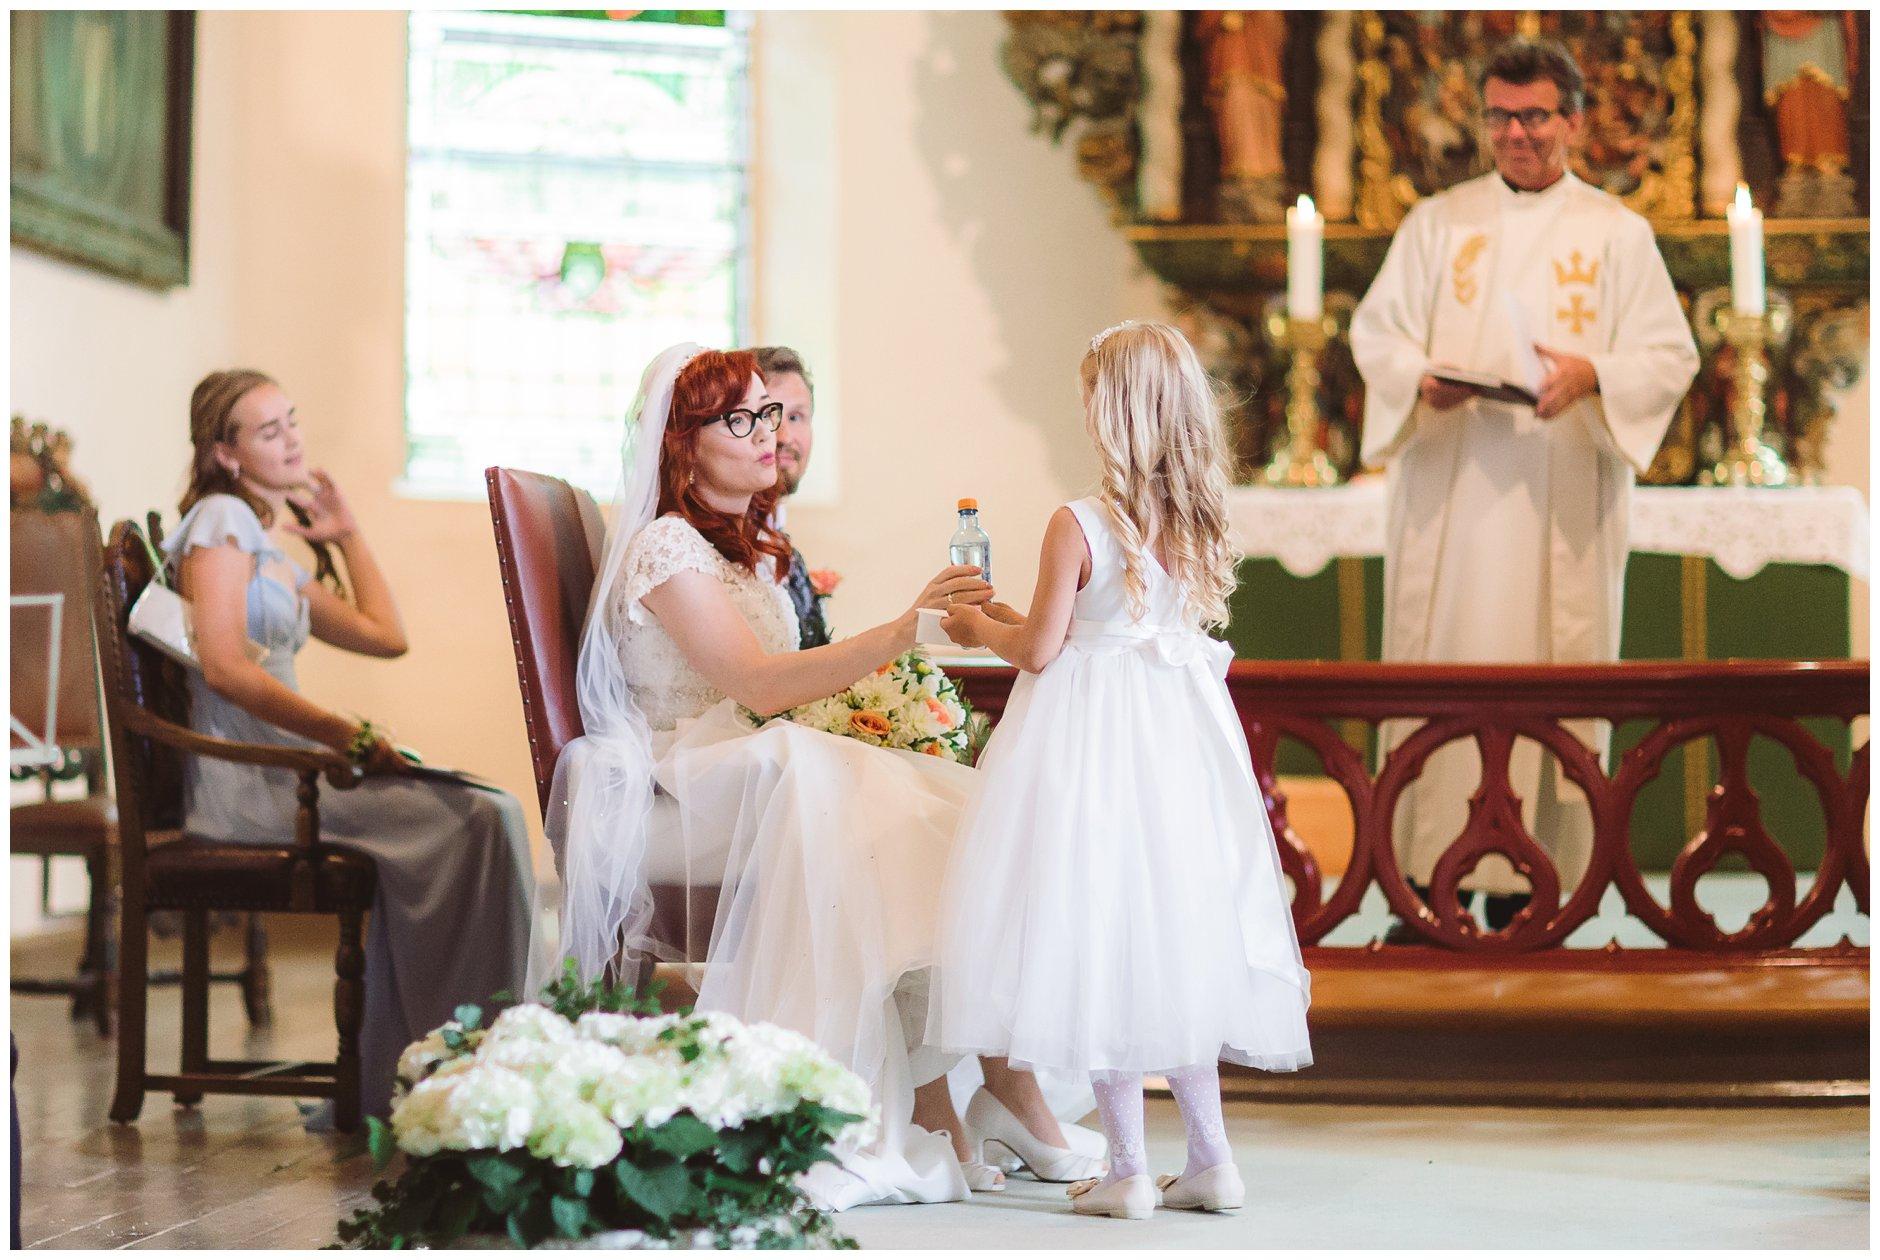 Fotograf-Eline-Jacobine-Bryllup-Tjøme-Scandic-Havna-Trine-og-Halvor_0053